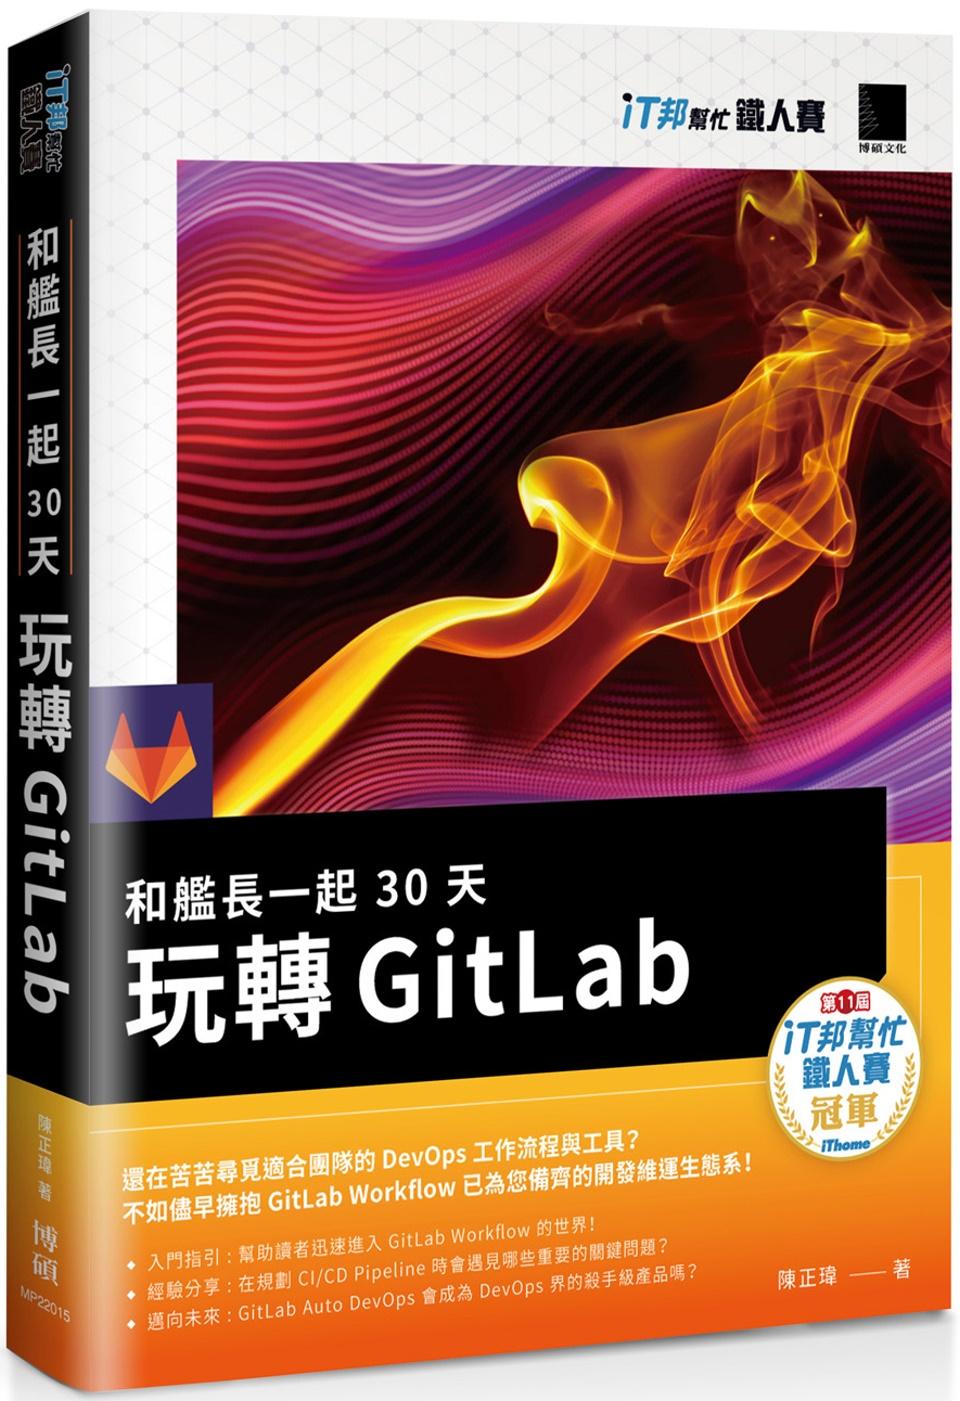 和艦長一起 30 天玩轉 GitLab(iT邦幫忙鐵人賽系列書)